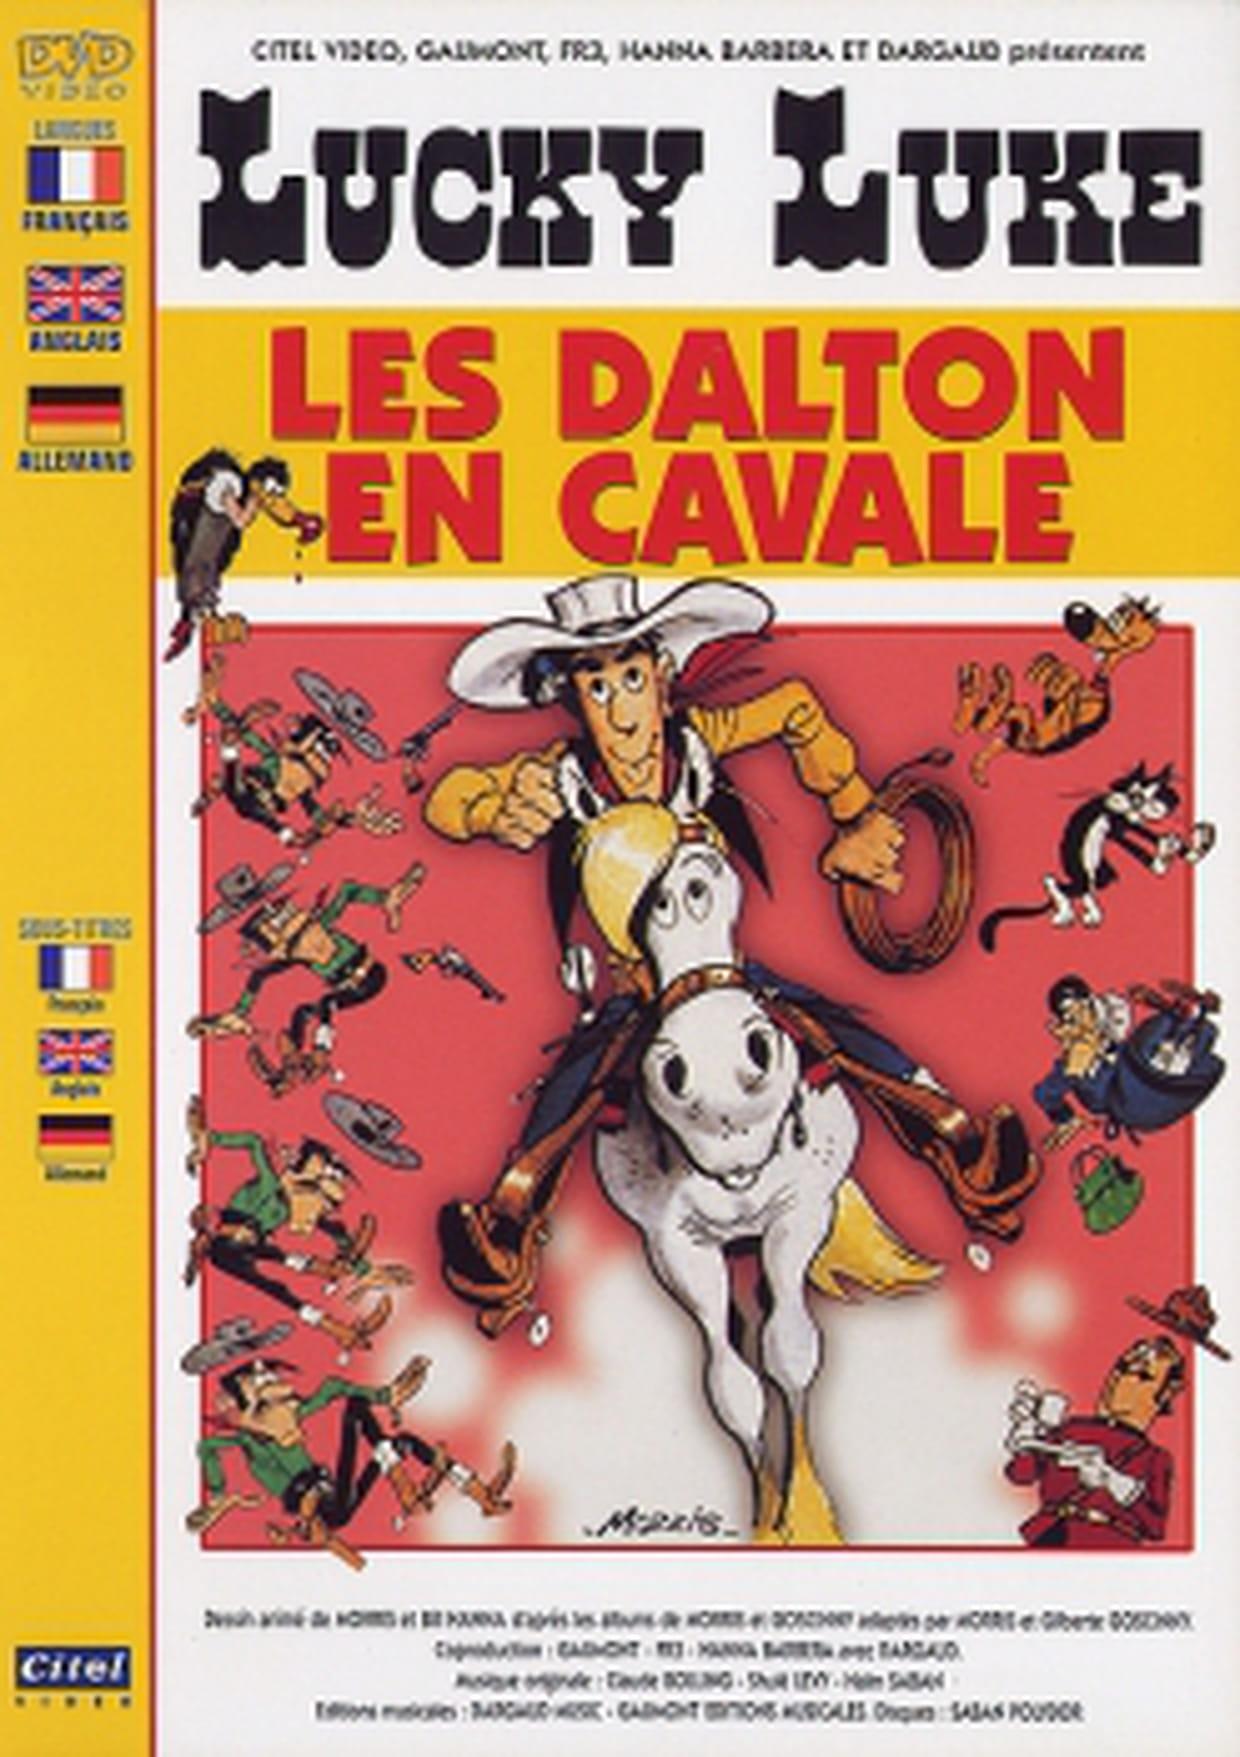 Les Dalton En Cavale Bande Annonce Du Film Seances Sortie Avis